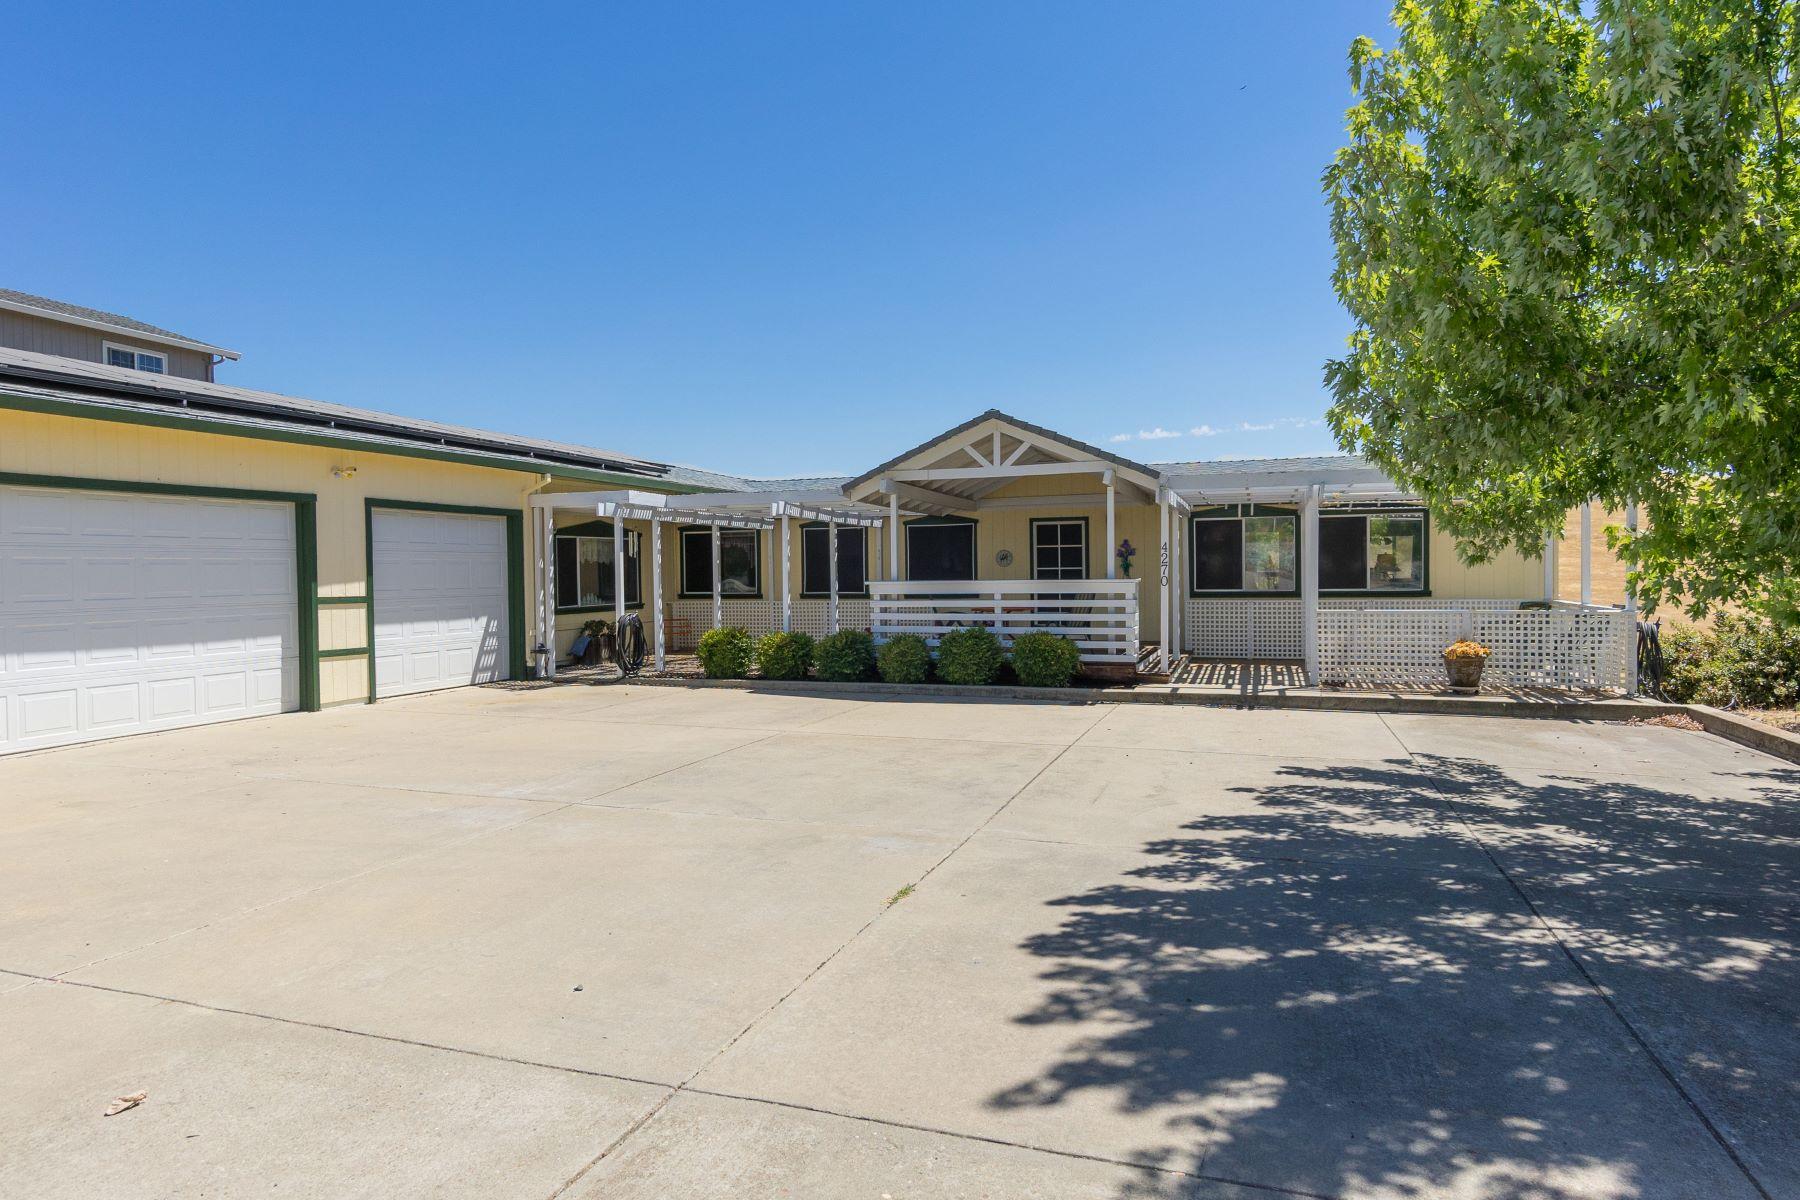 独户住宅 为 销售 在 Charming Home with Beautiful Camanche Lake Views 4270 Lakeview Drive Ione, 加利福尼亚州, 95640 美国